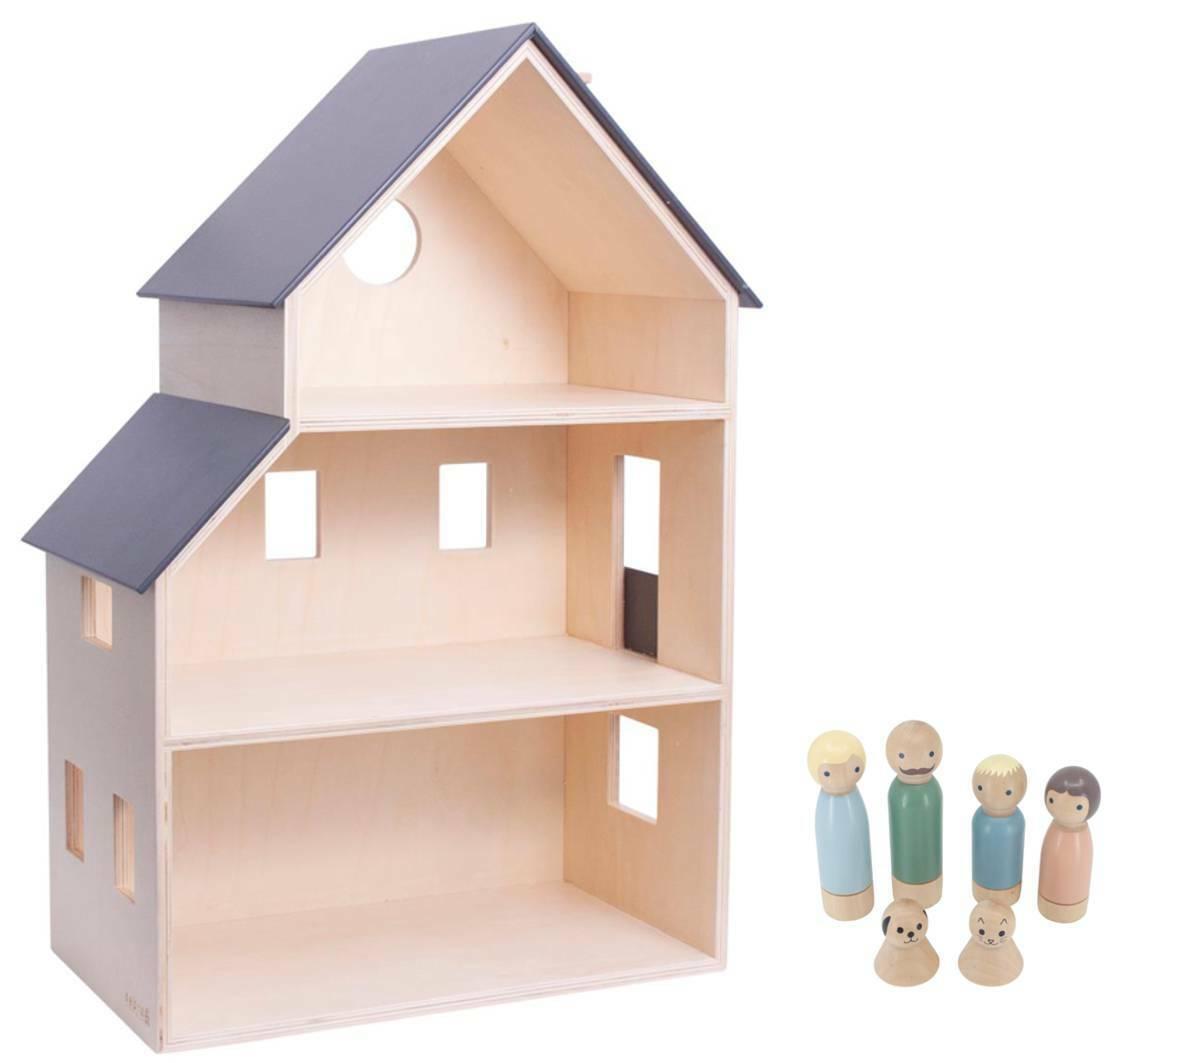 Sebra Puppenhaus Spielhaus - grau mit Puppen aus Holz   NEU + SOFORTLIEFERUNG